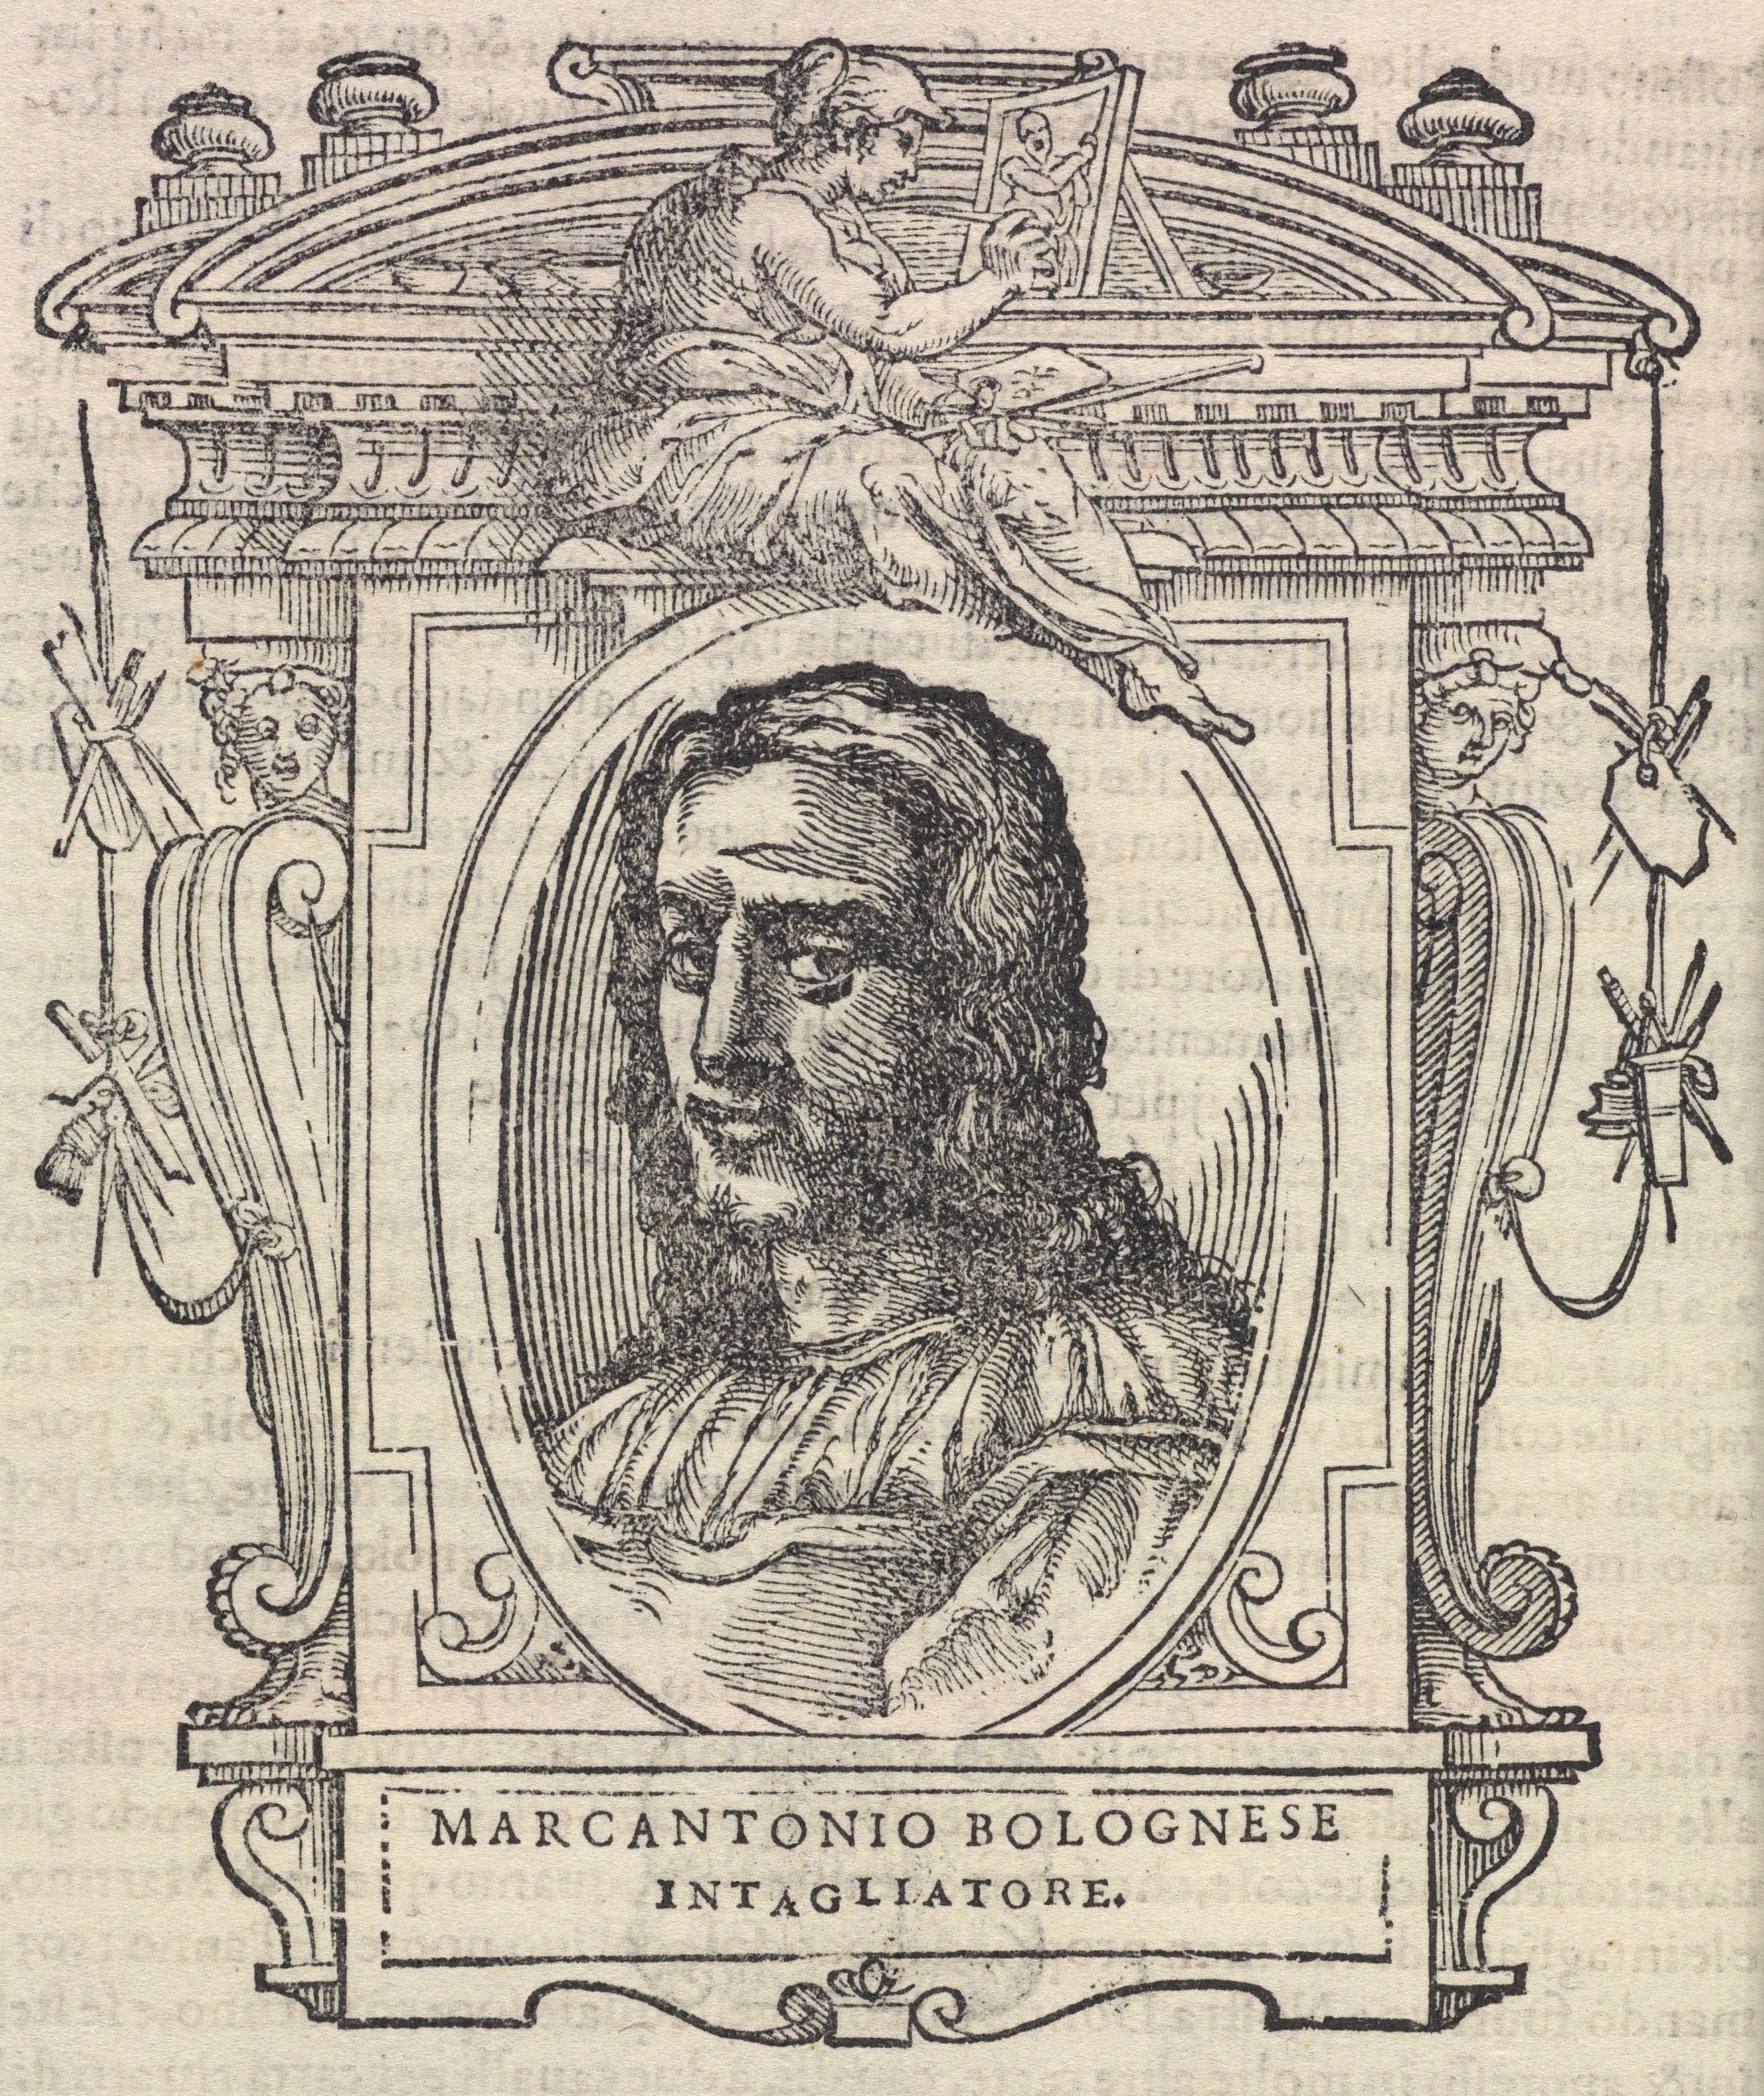 Marcantonio Raimondi, a reneszánsz pornó úttörője (forrás: Wikipedia)